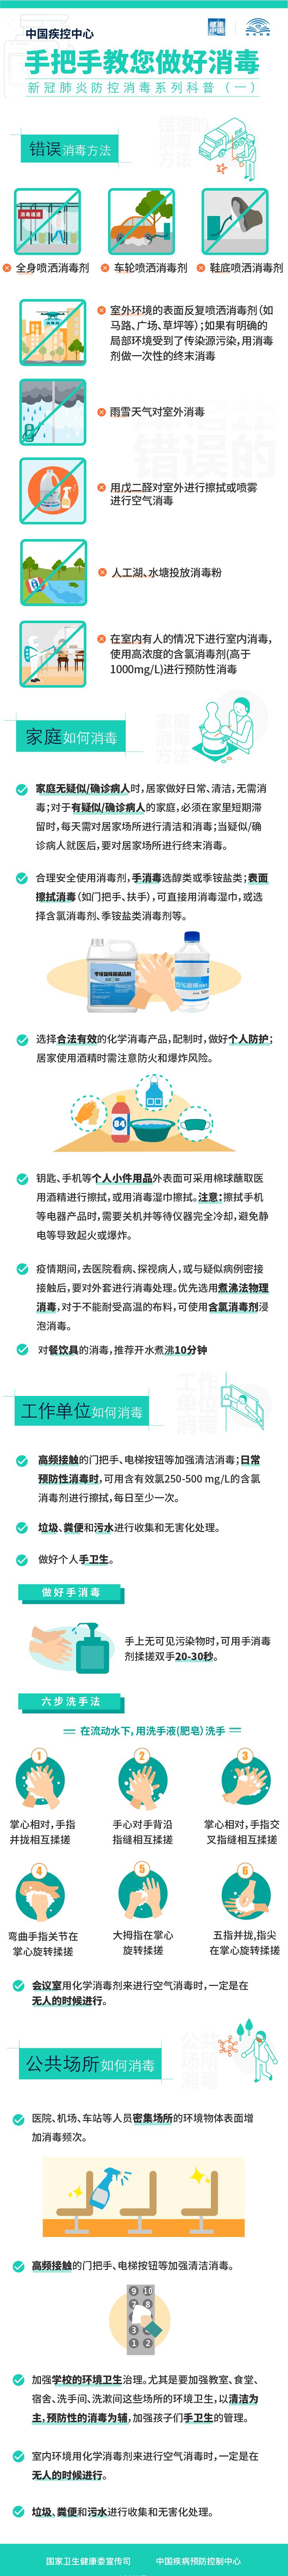 中国疾控中心手把手教您做好消毒